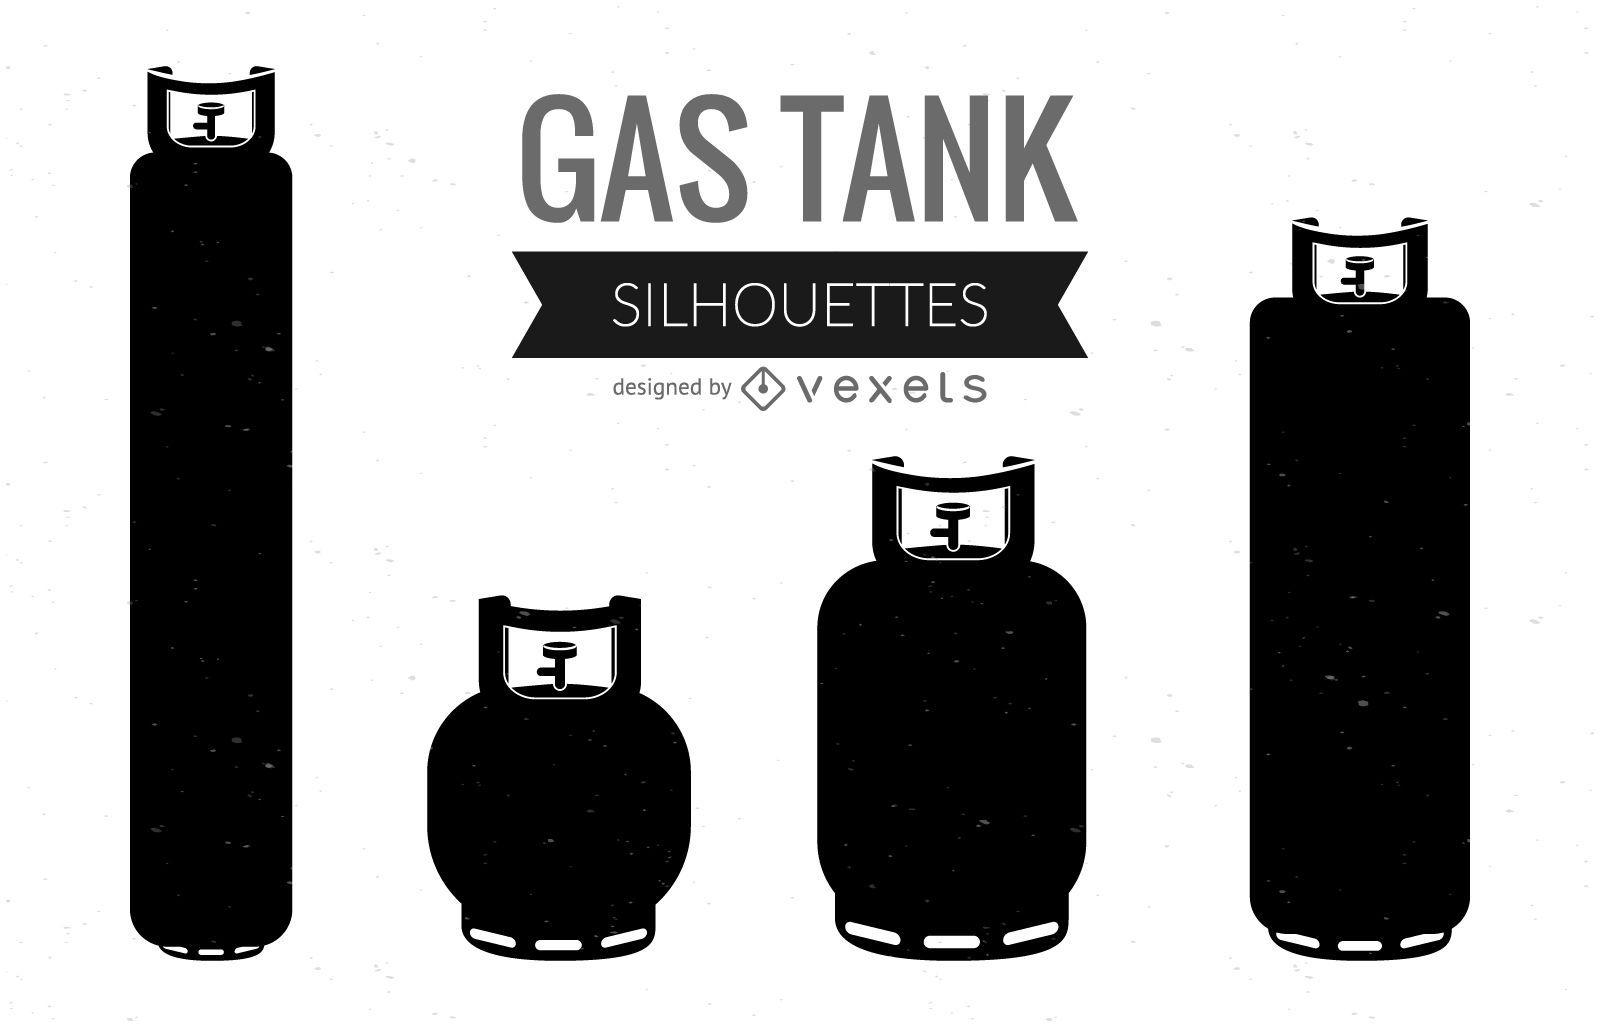 Siluetas ilustradas del tanque de gas